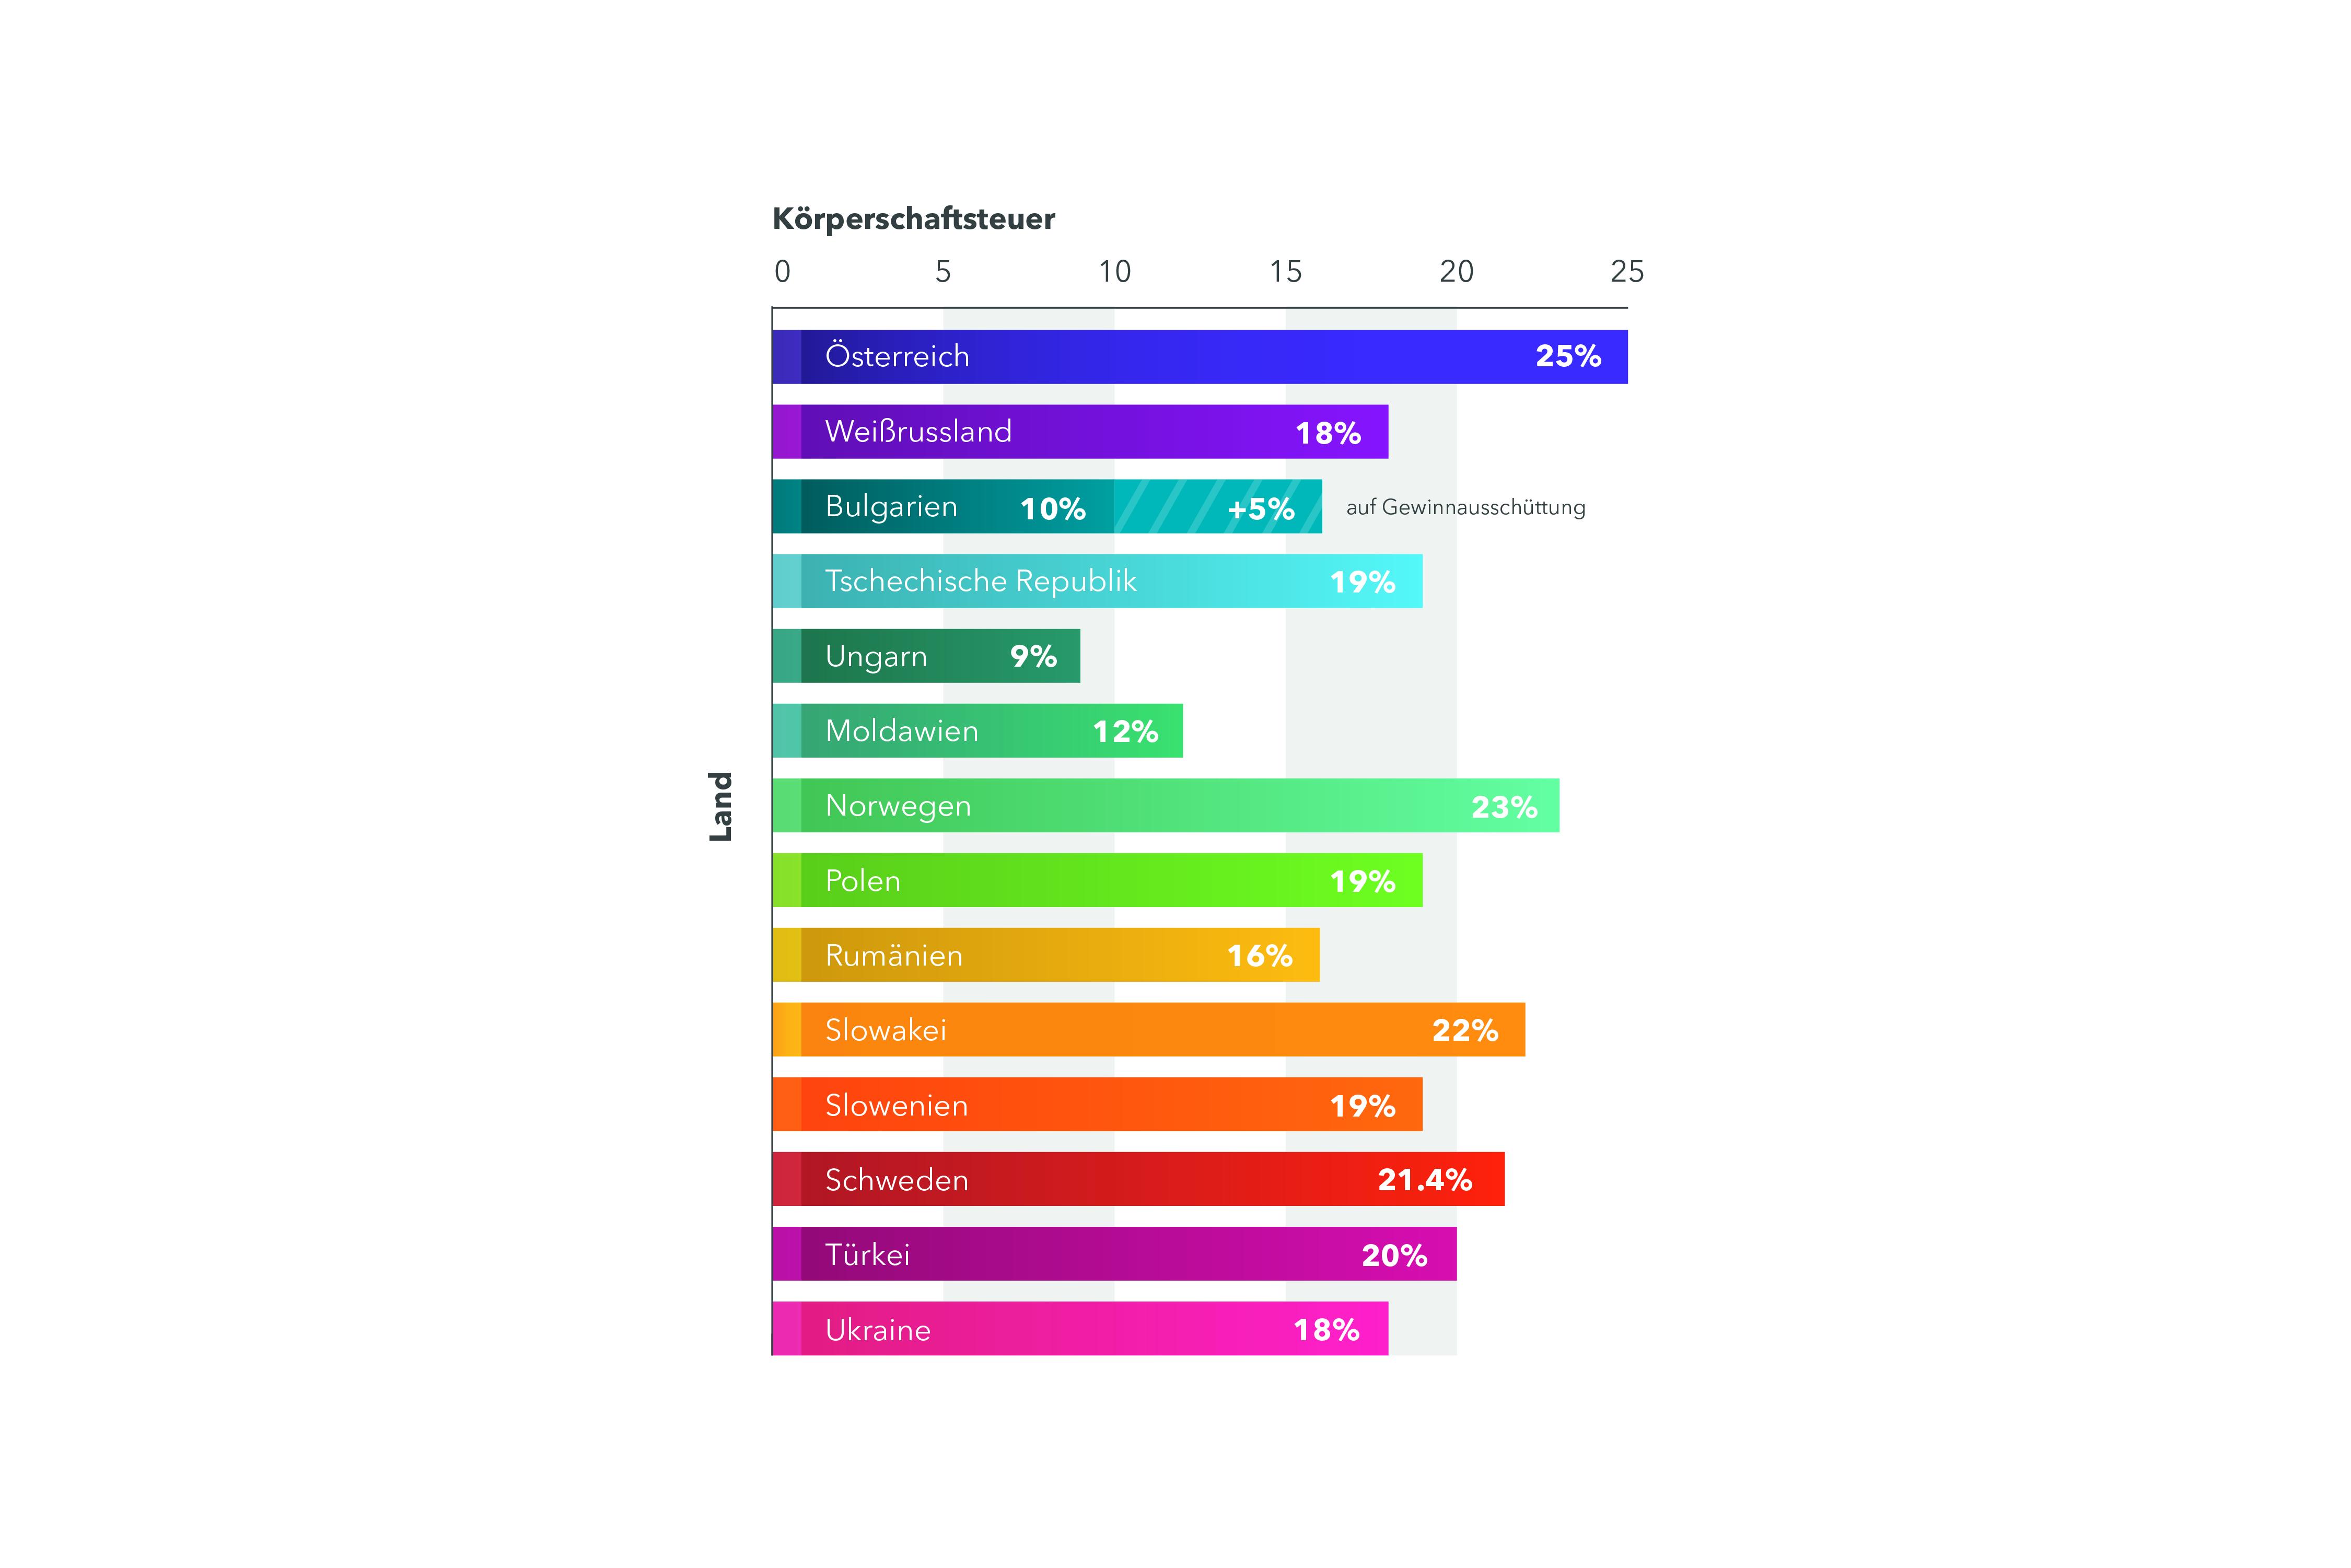 Koerperschaftsteuer in der Ukraine und andere Laendern - DLF Rechtsanwaelte - Infografik